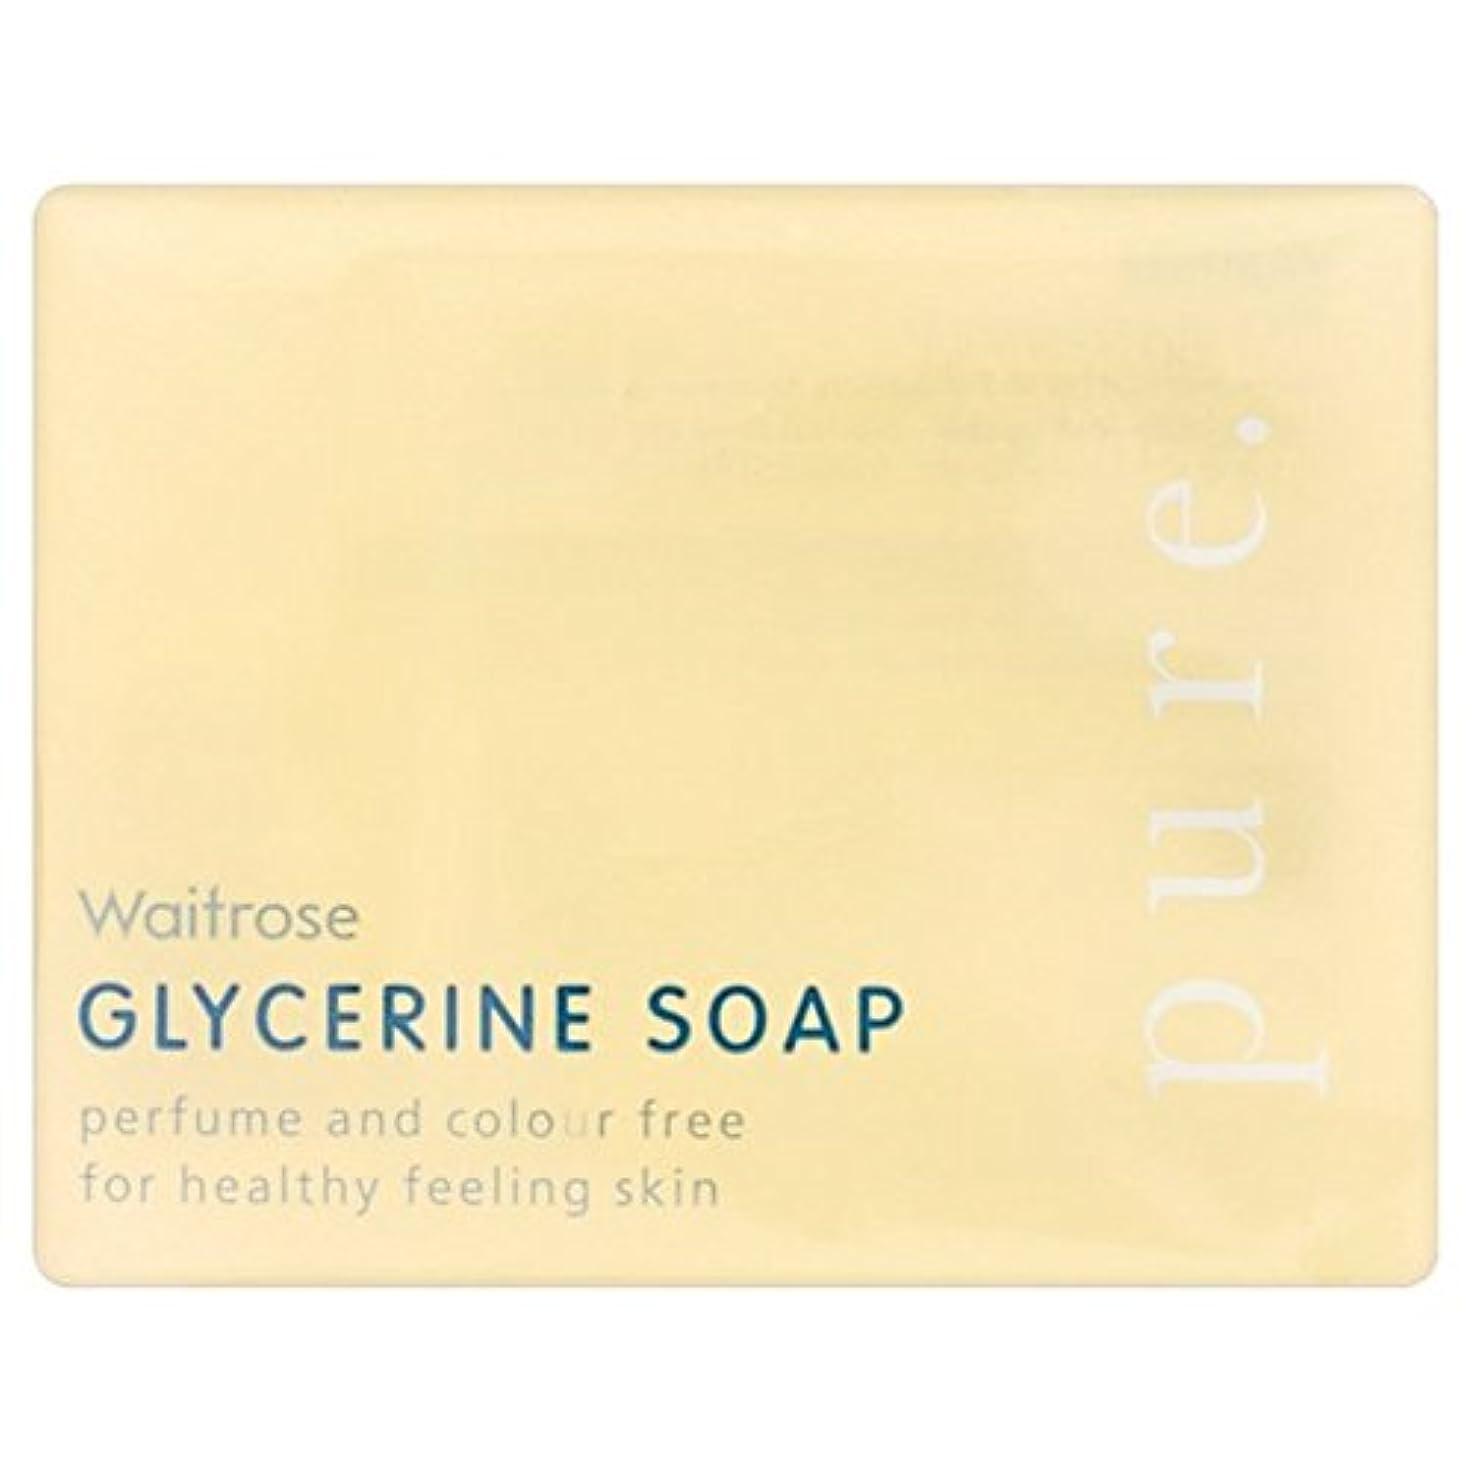 キャラクター全国口述する純粋なグリセリンソープウェイトローズの100グラム x4 - Pure Glycerine Soap Waitrose 100g (Pack of 4) [並行輸入品]